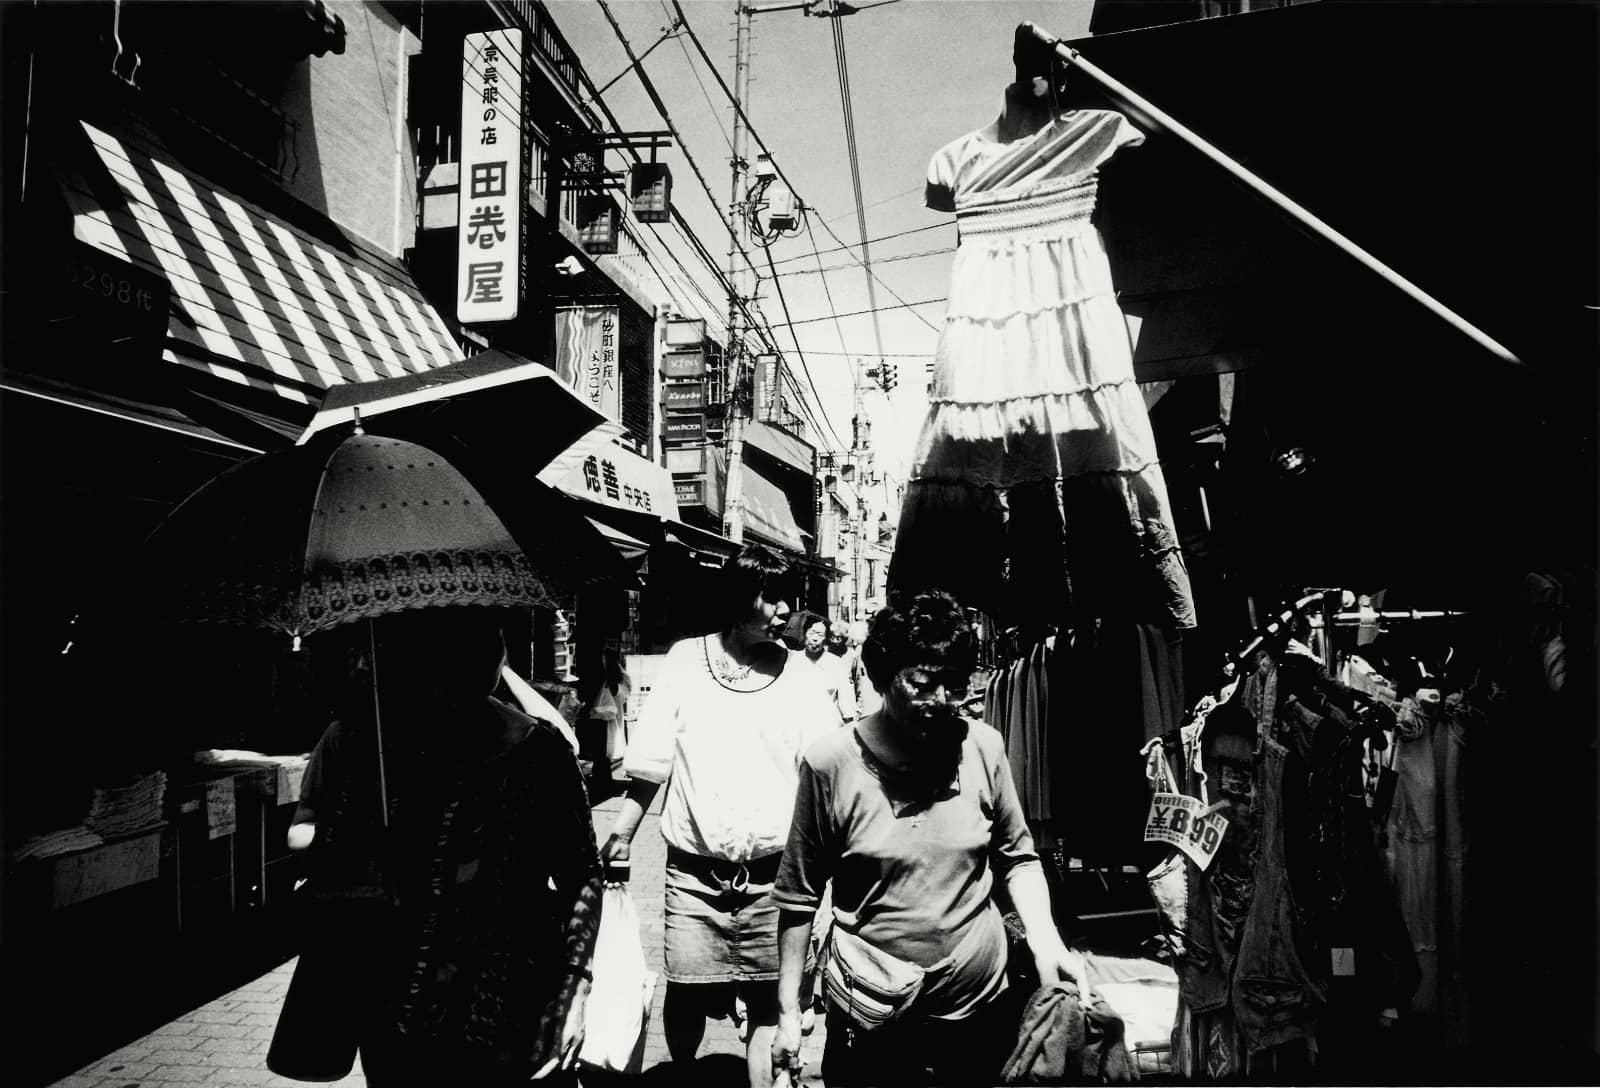 © Daido Moriyama - winkelstraat